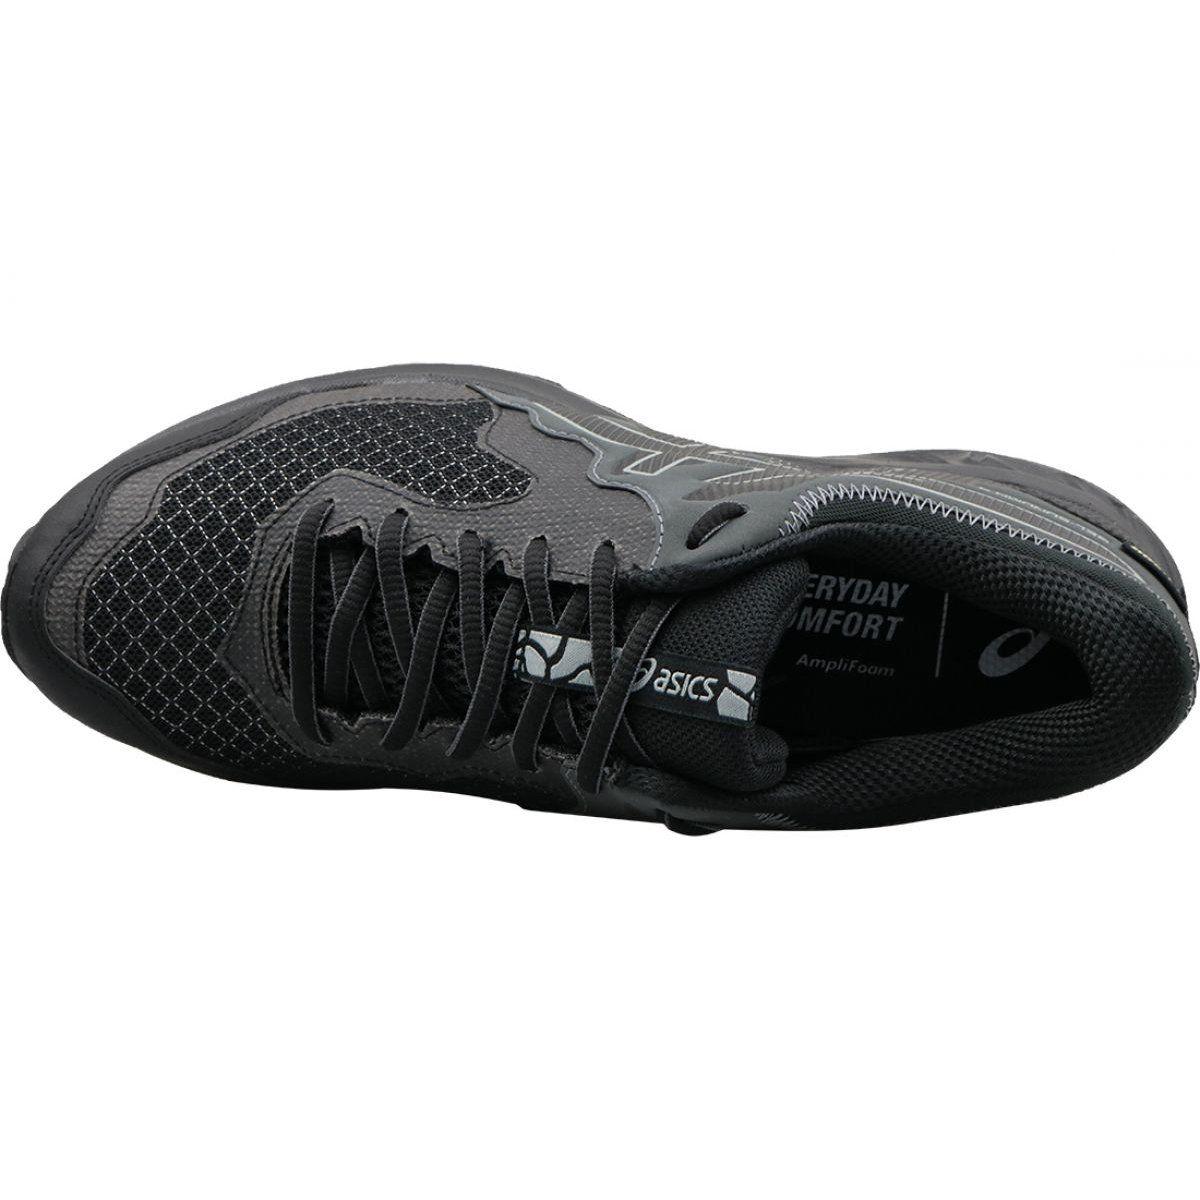 Buty Biegowe Asics Gel Sonoma 4 G Tx W 1012a191 001 Czarne Black Running Shoes Asics Running Shoes Running Shoes